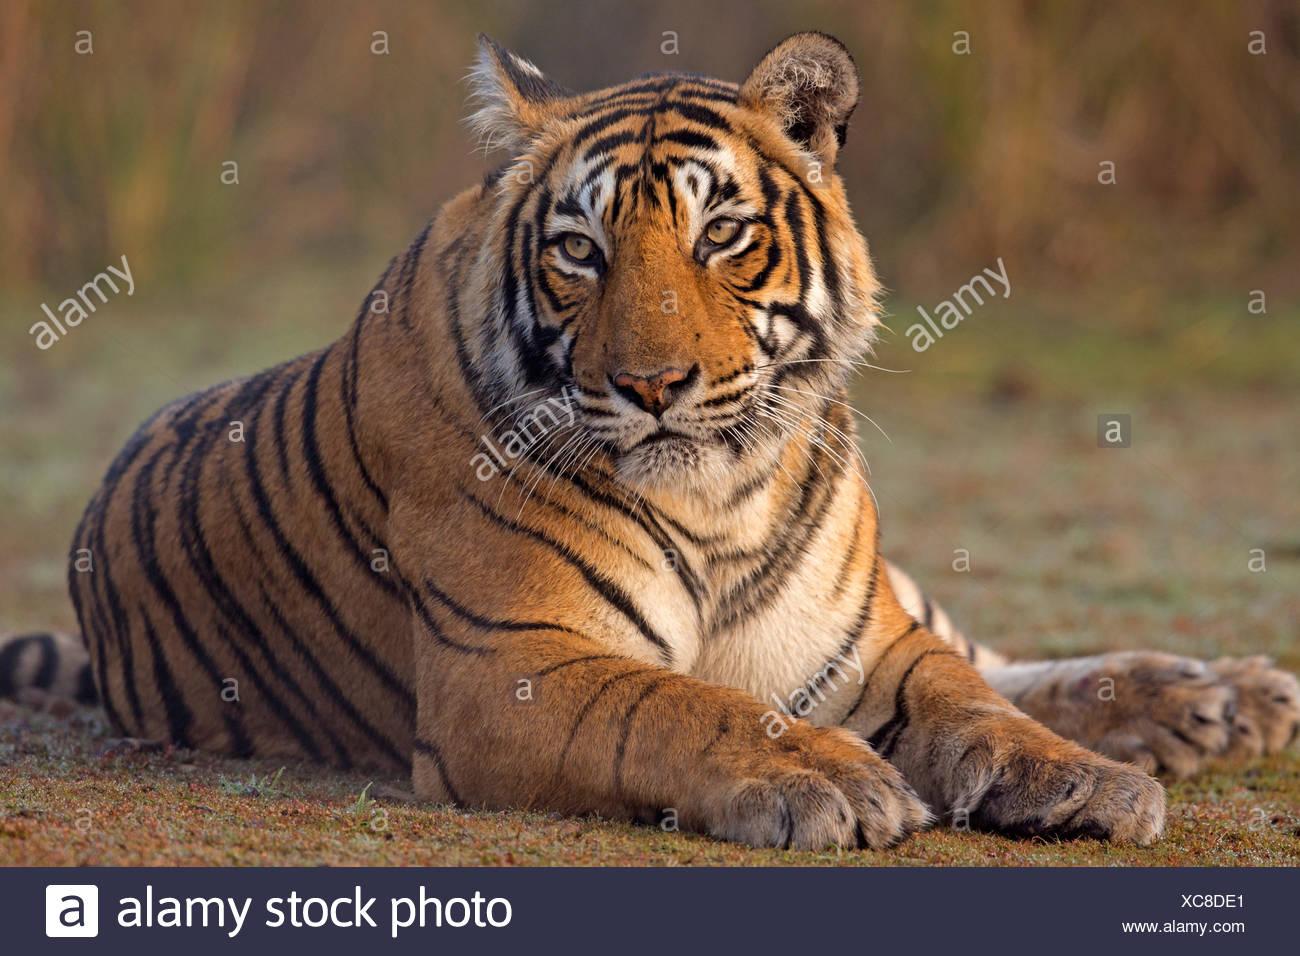 Tigre del Bengala (Panthera tigris tigris) femmina 'T19 Krishna' udienza, il Parco nazionale di Ranthambore, India. Immagini Stock